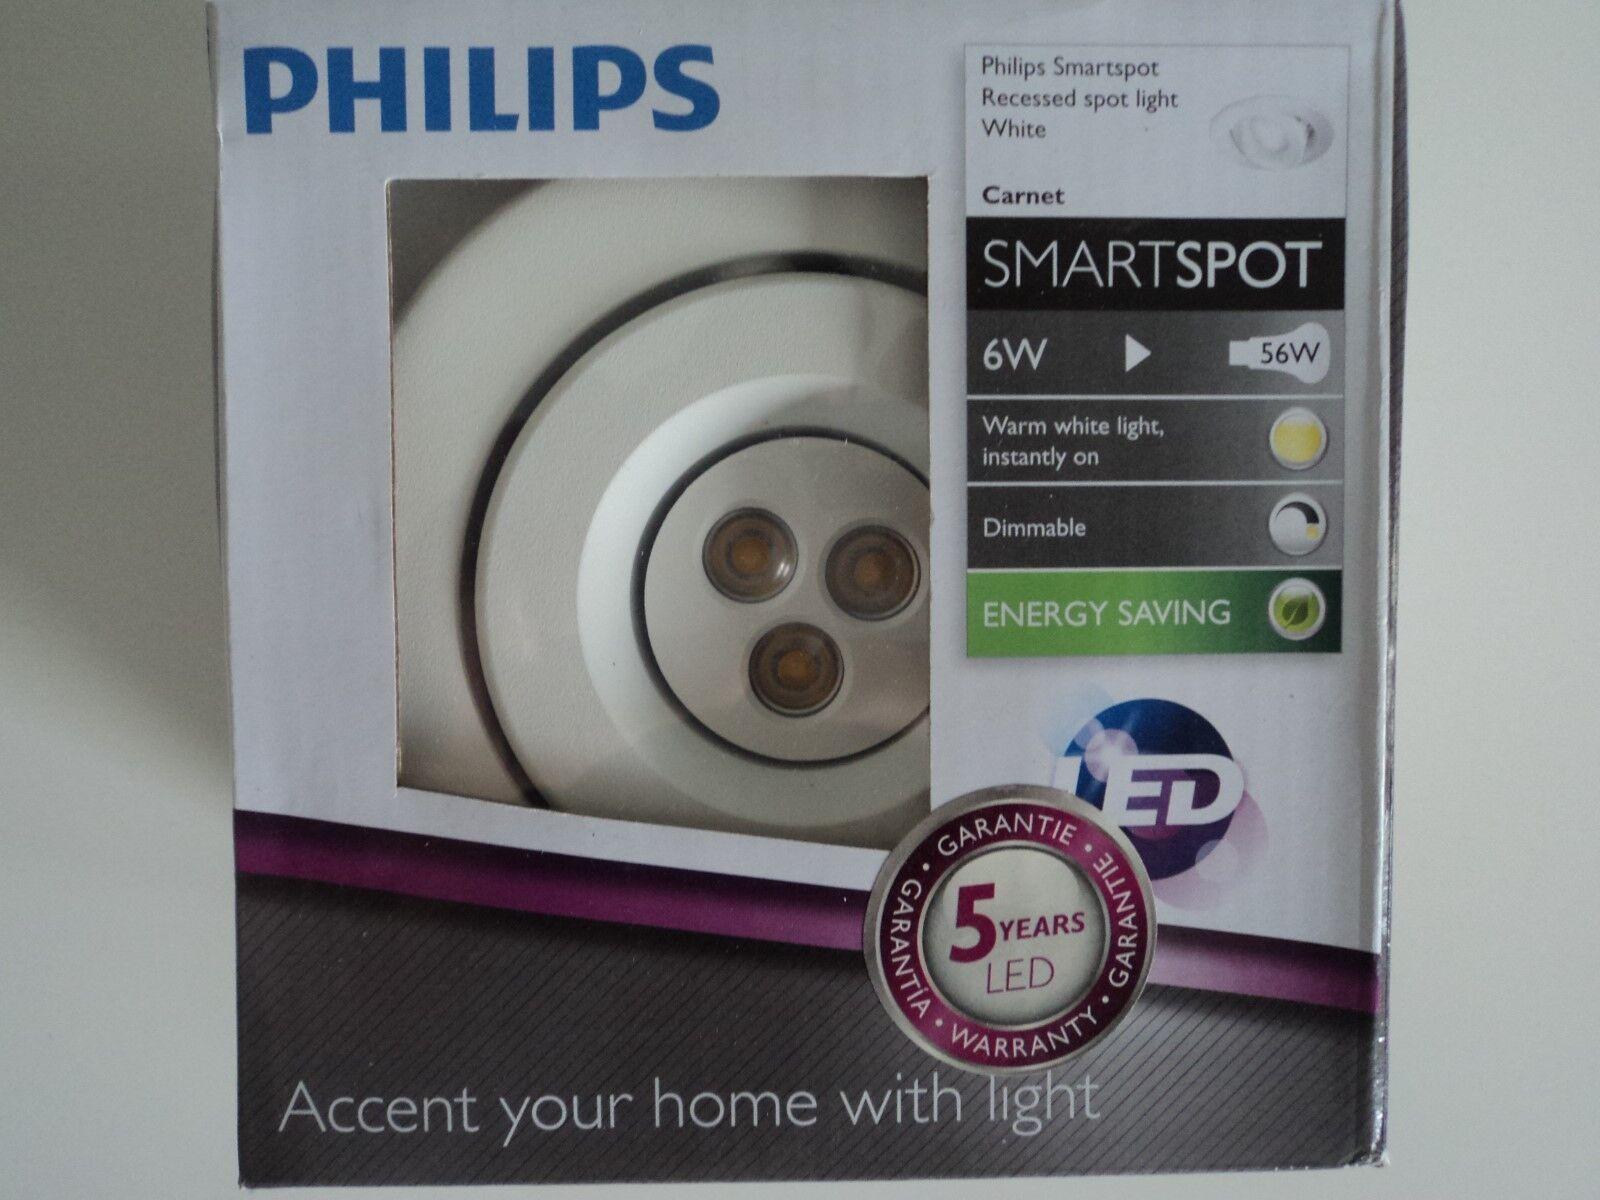 Philips einbauspot einbauspot einbauspot  LED 598553116 Carnet     Um Zuerst Unter ähnlichen Produkten Rang    Hohe Qualität Und Geringen Overhead    Optimaler Preis  3c040b